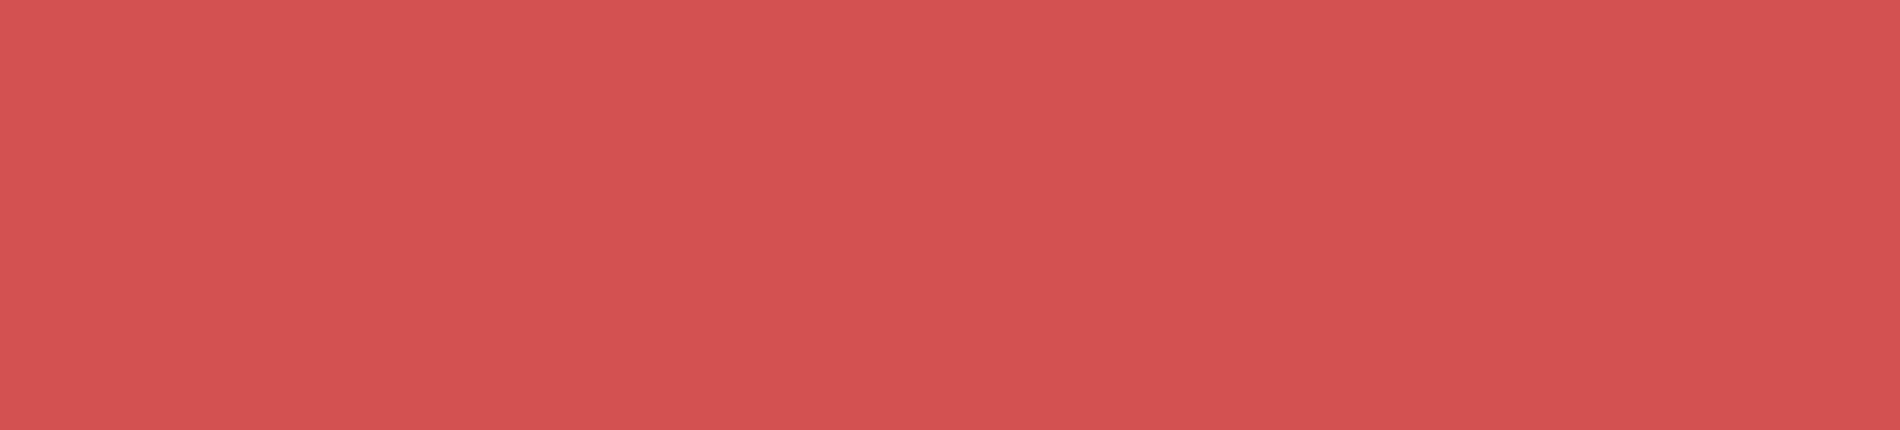 redbg1